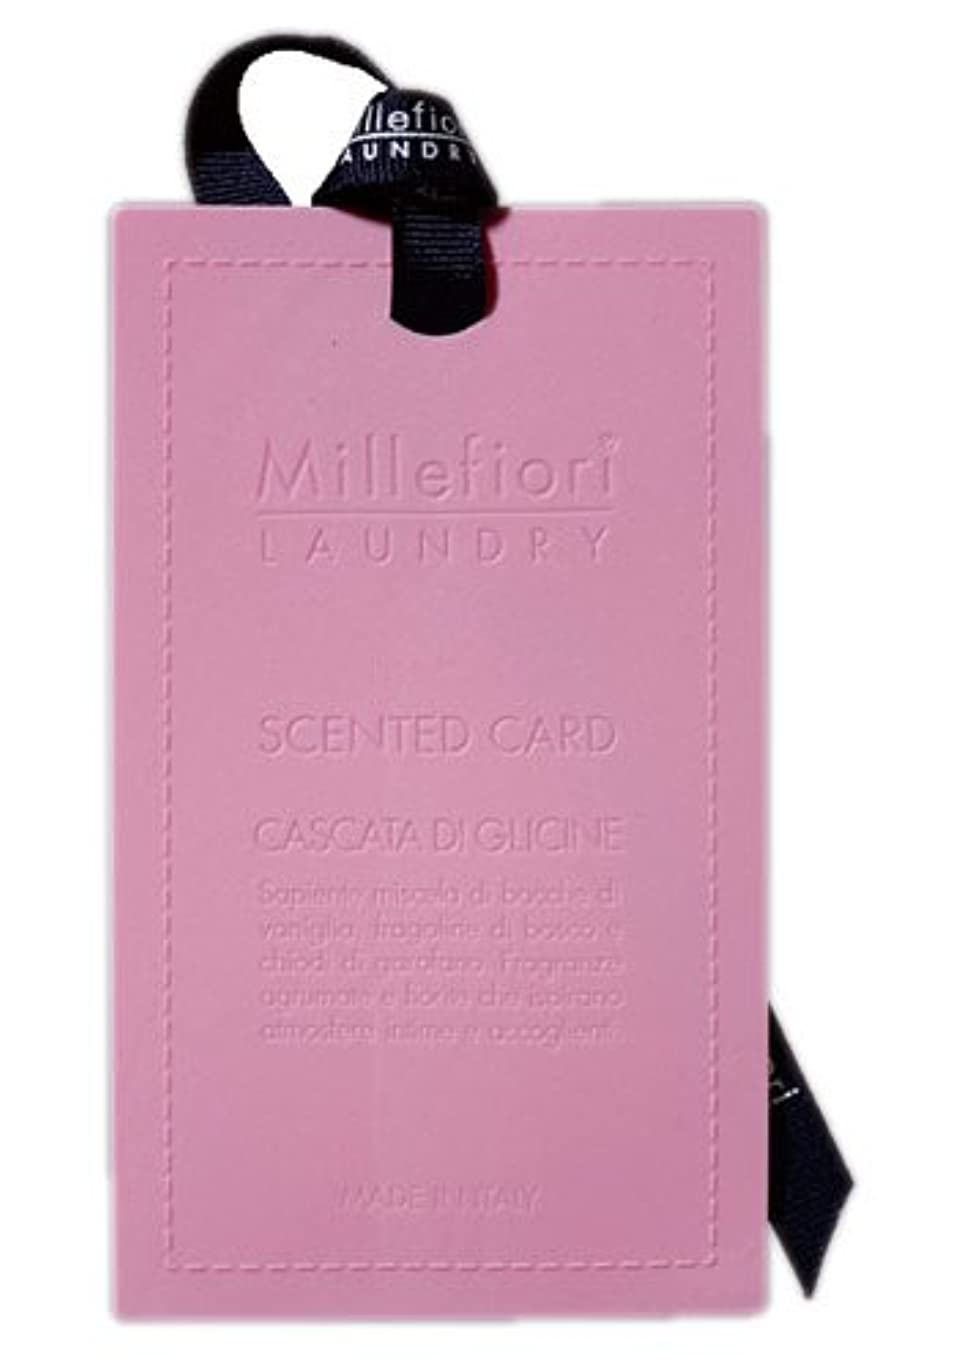 パウダーそれに応じて登るMillefiori センテッドカード ウィステリア CARD-A-003